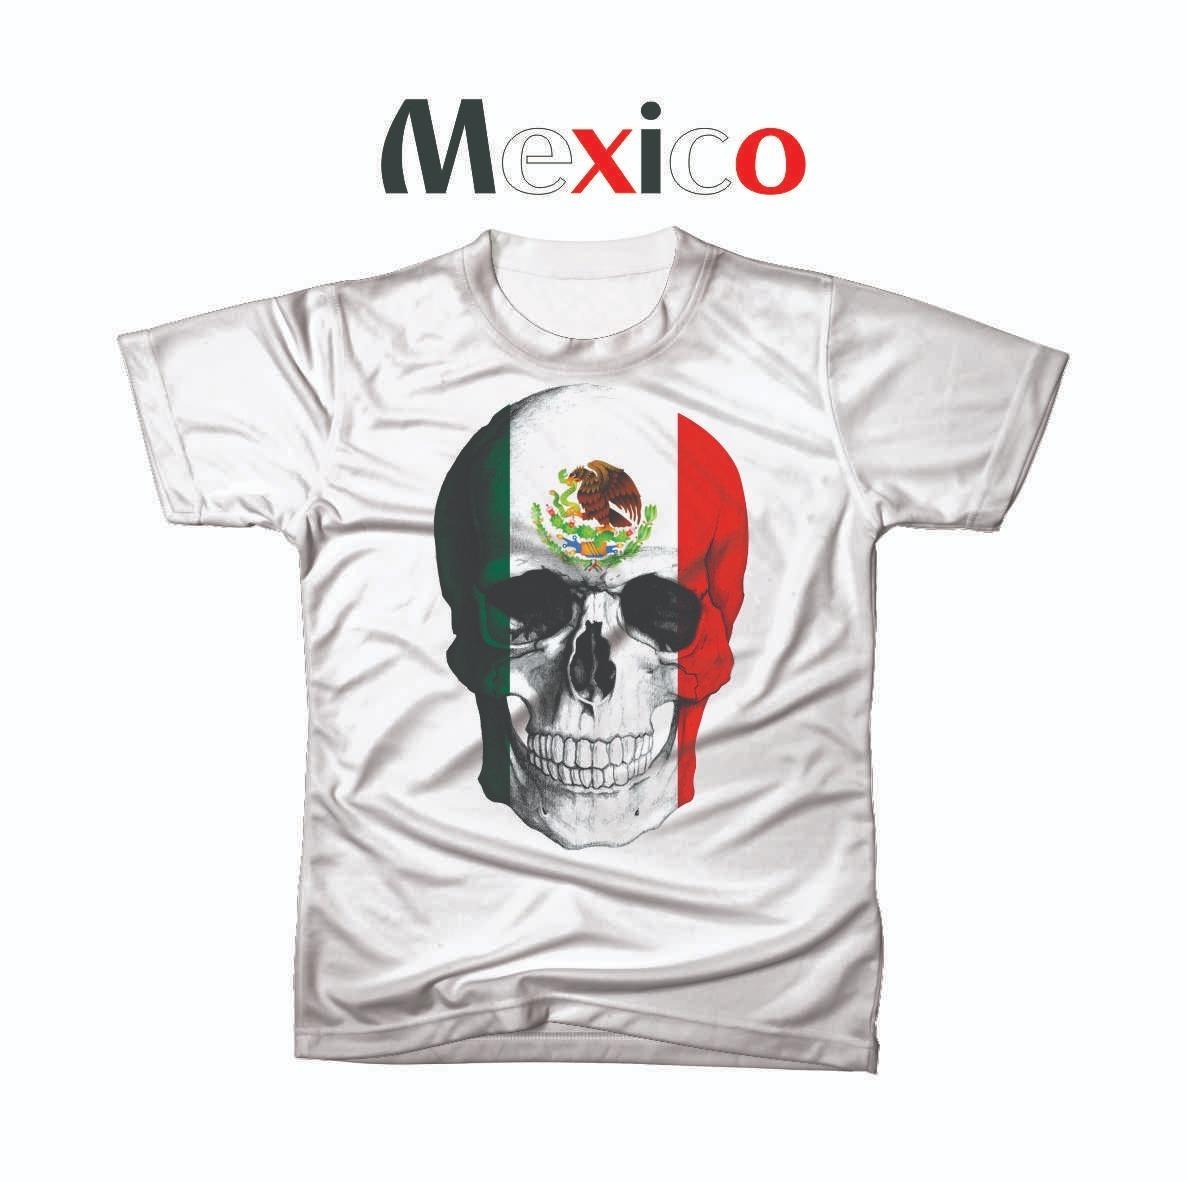 a5fba19bfa6cc camiseta camisa personalizada copa do mundo méxico futebol. Carregando zoom.